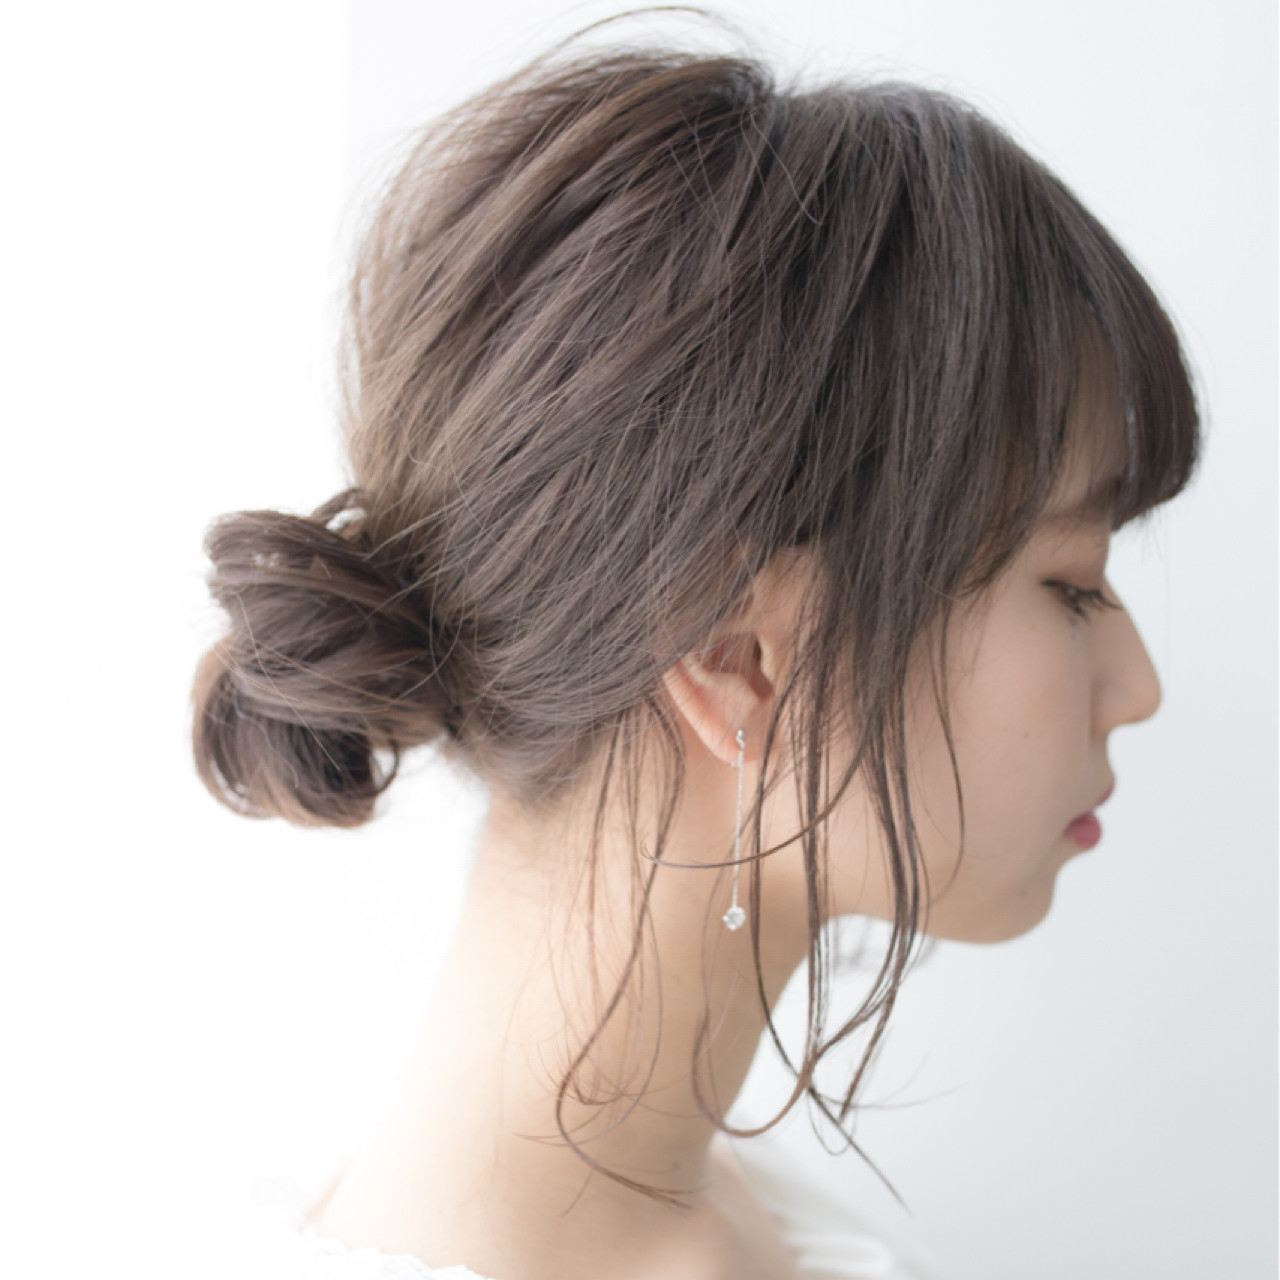 ミディアム 簡単ヘアアレンジ ヘアアレンジ 結婚式 ヘアスタイルや髪型の写真・画像 | 伊藤 大樹 / Lufeli